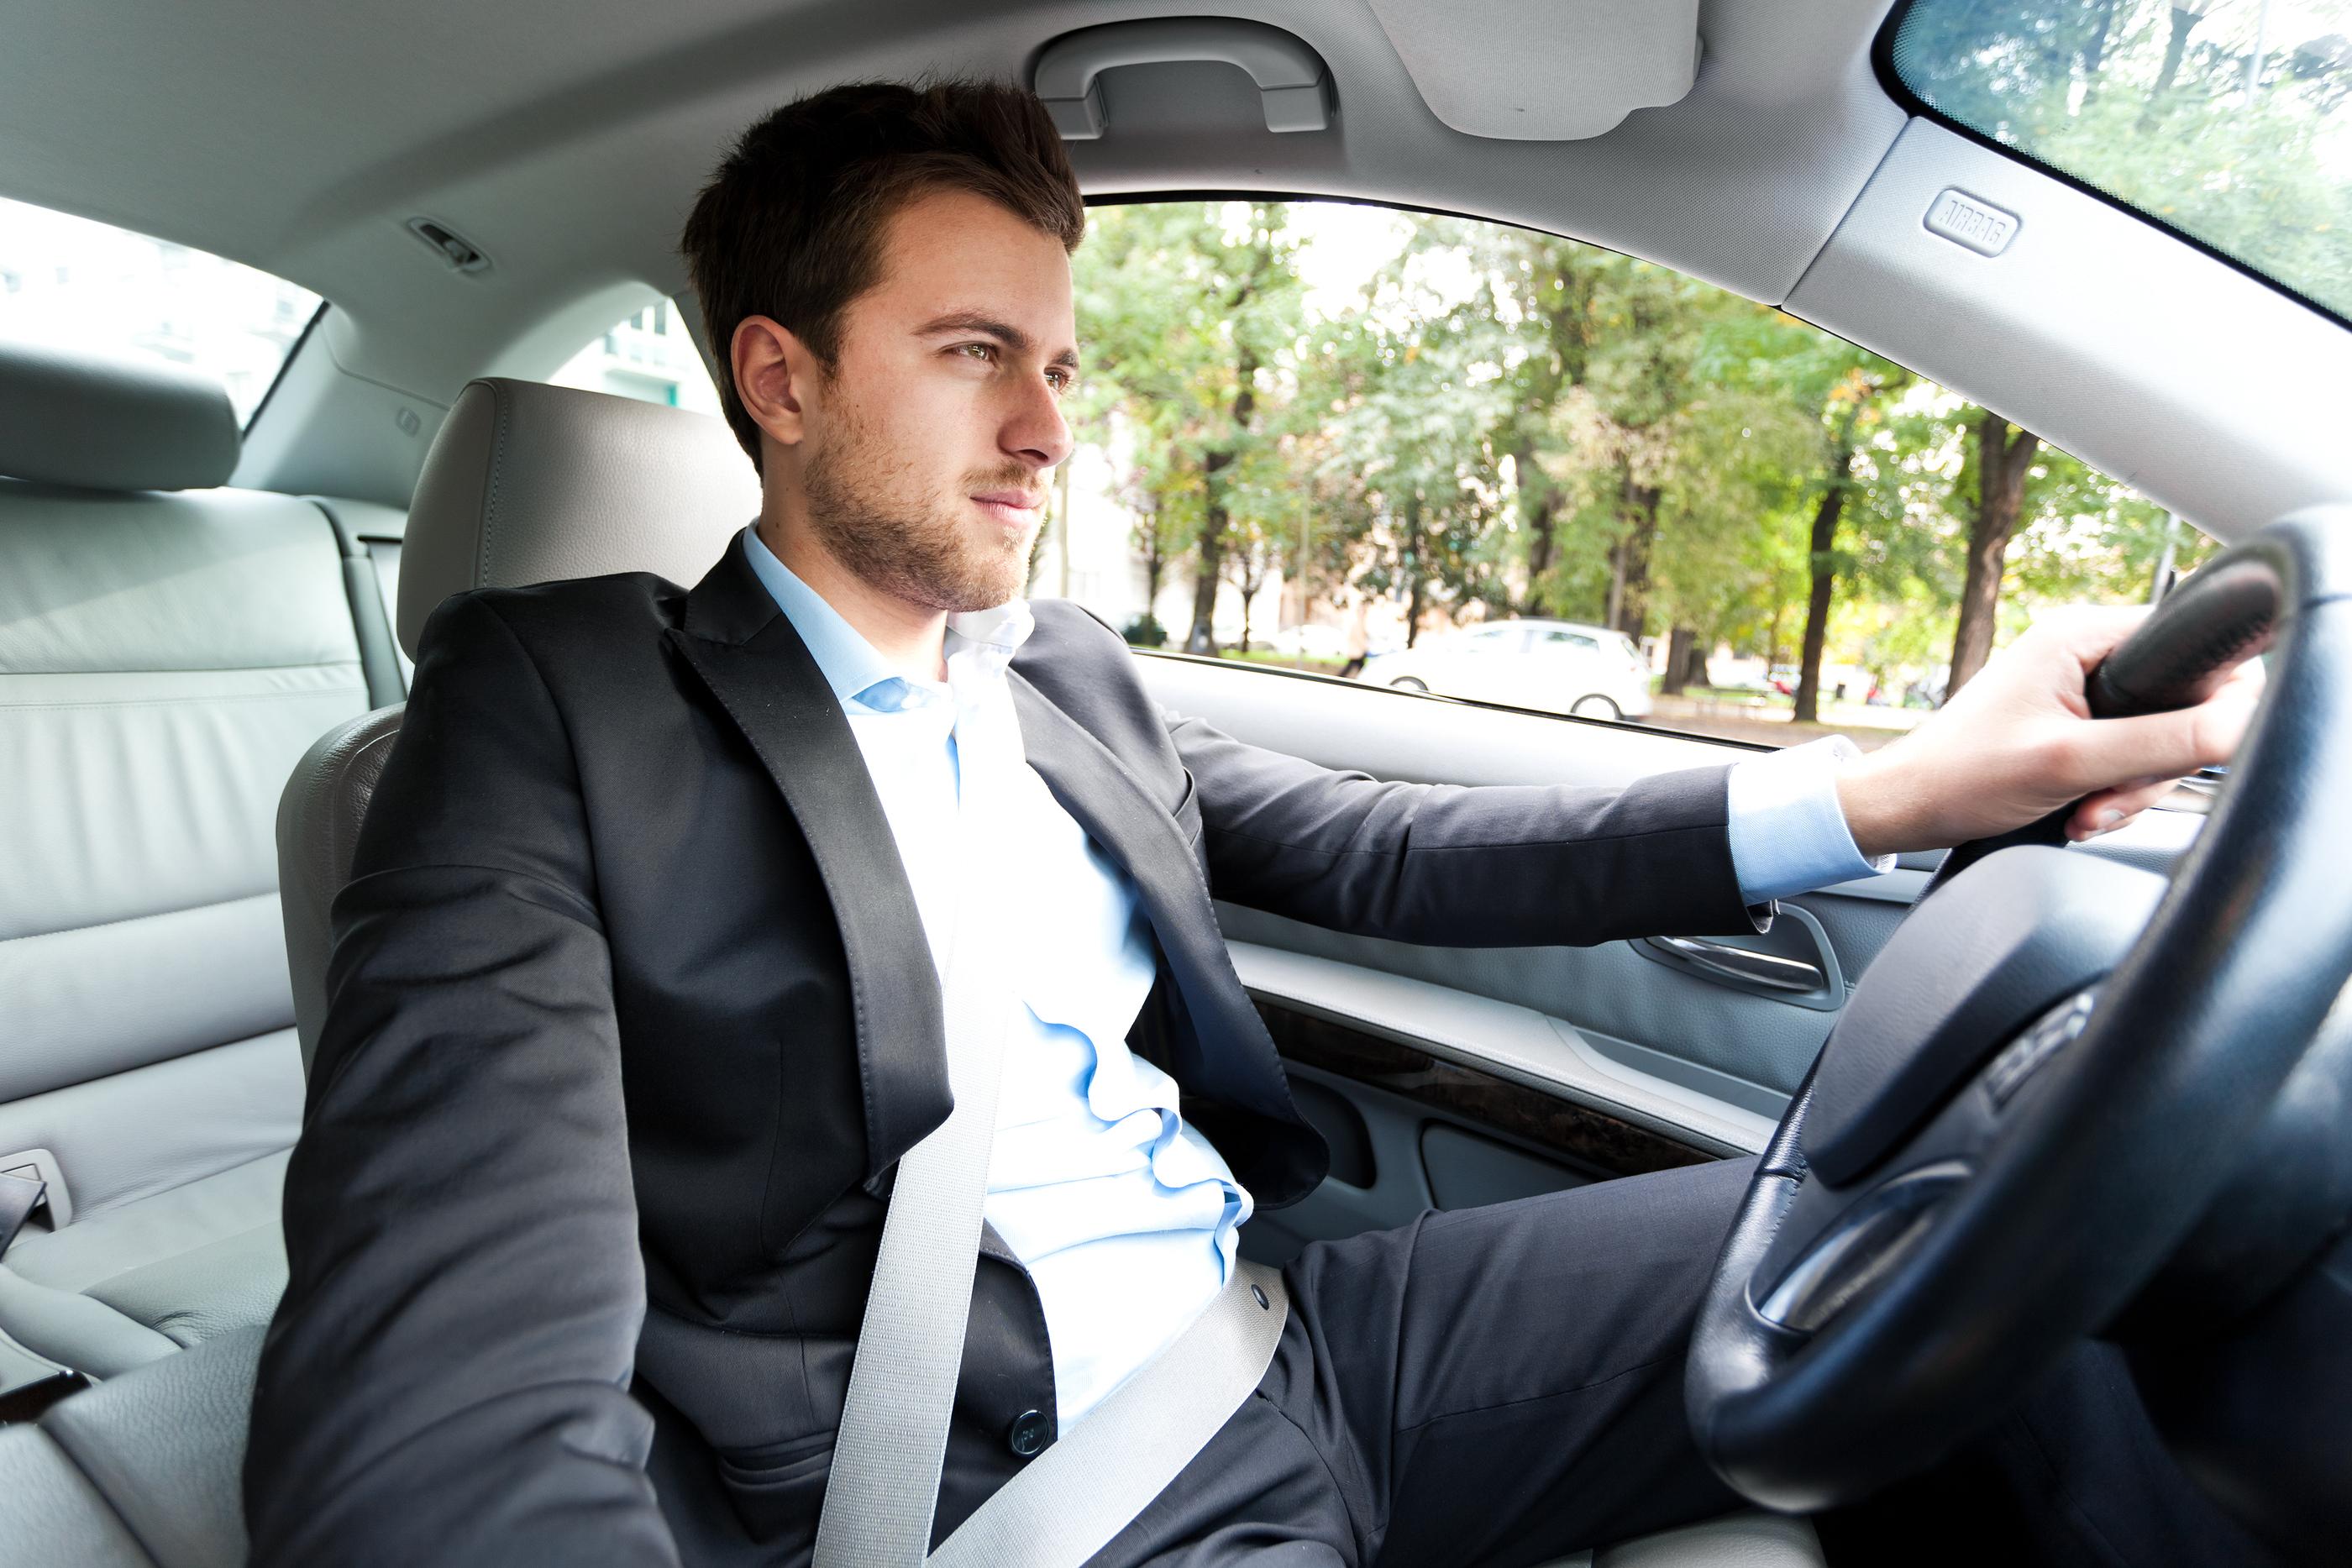 bigstock-Man-driving-his-car-38741980